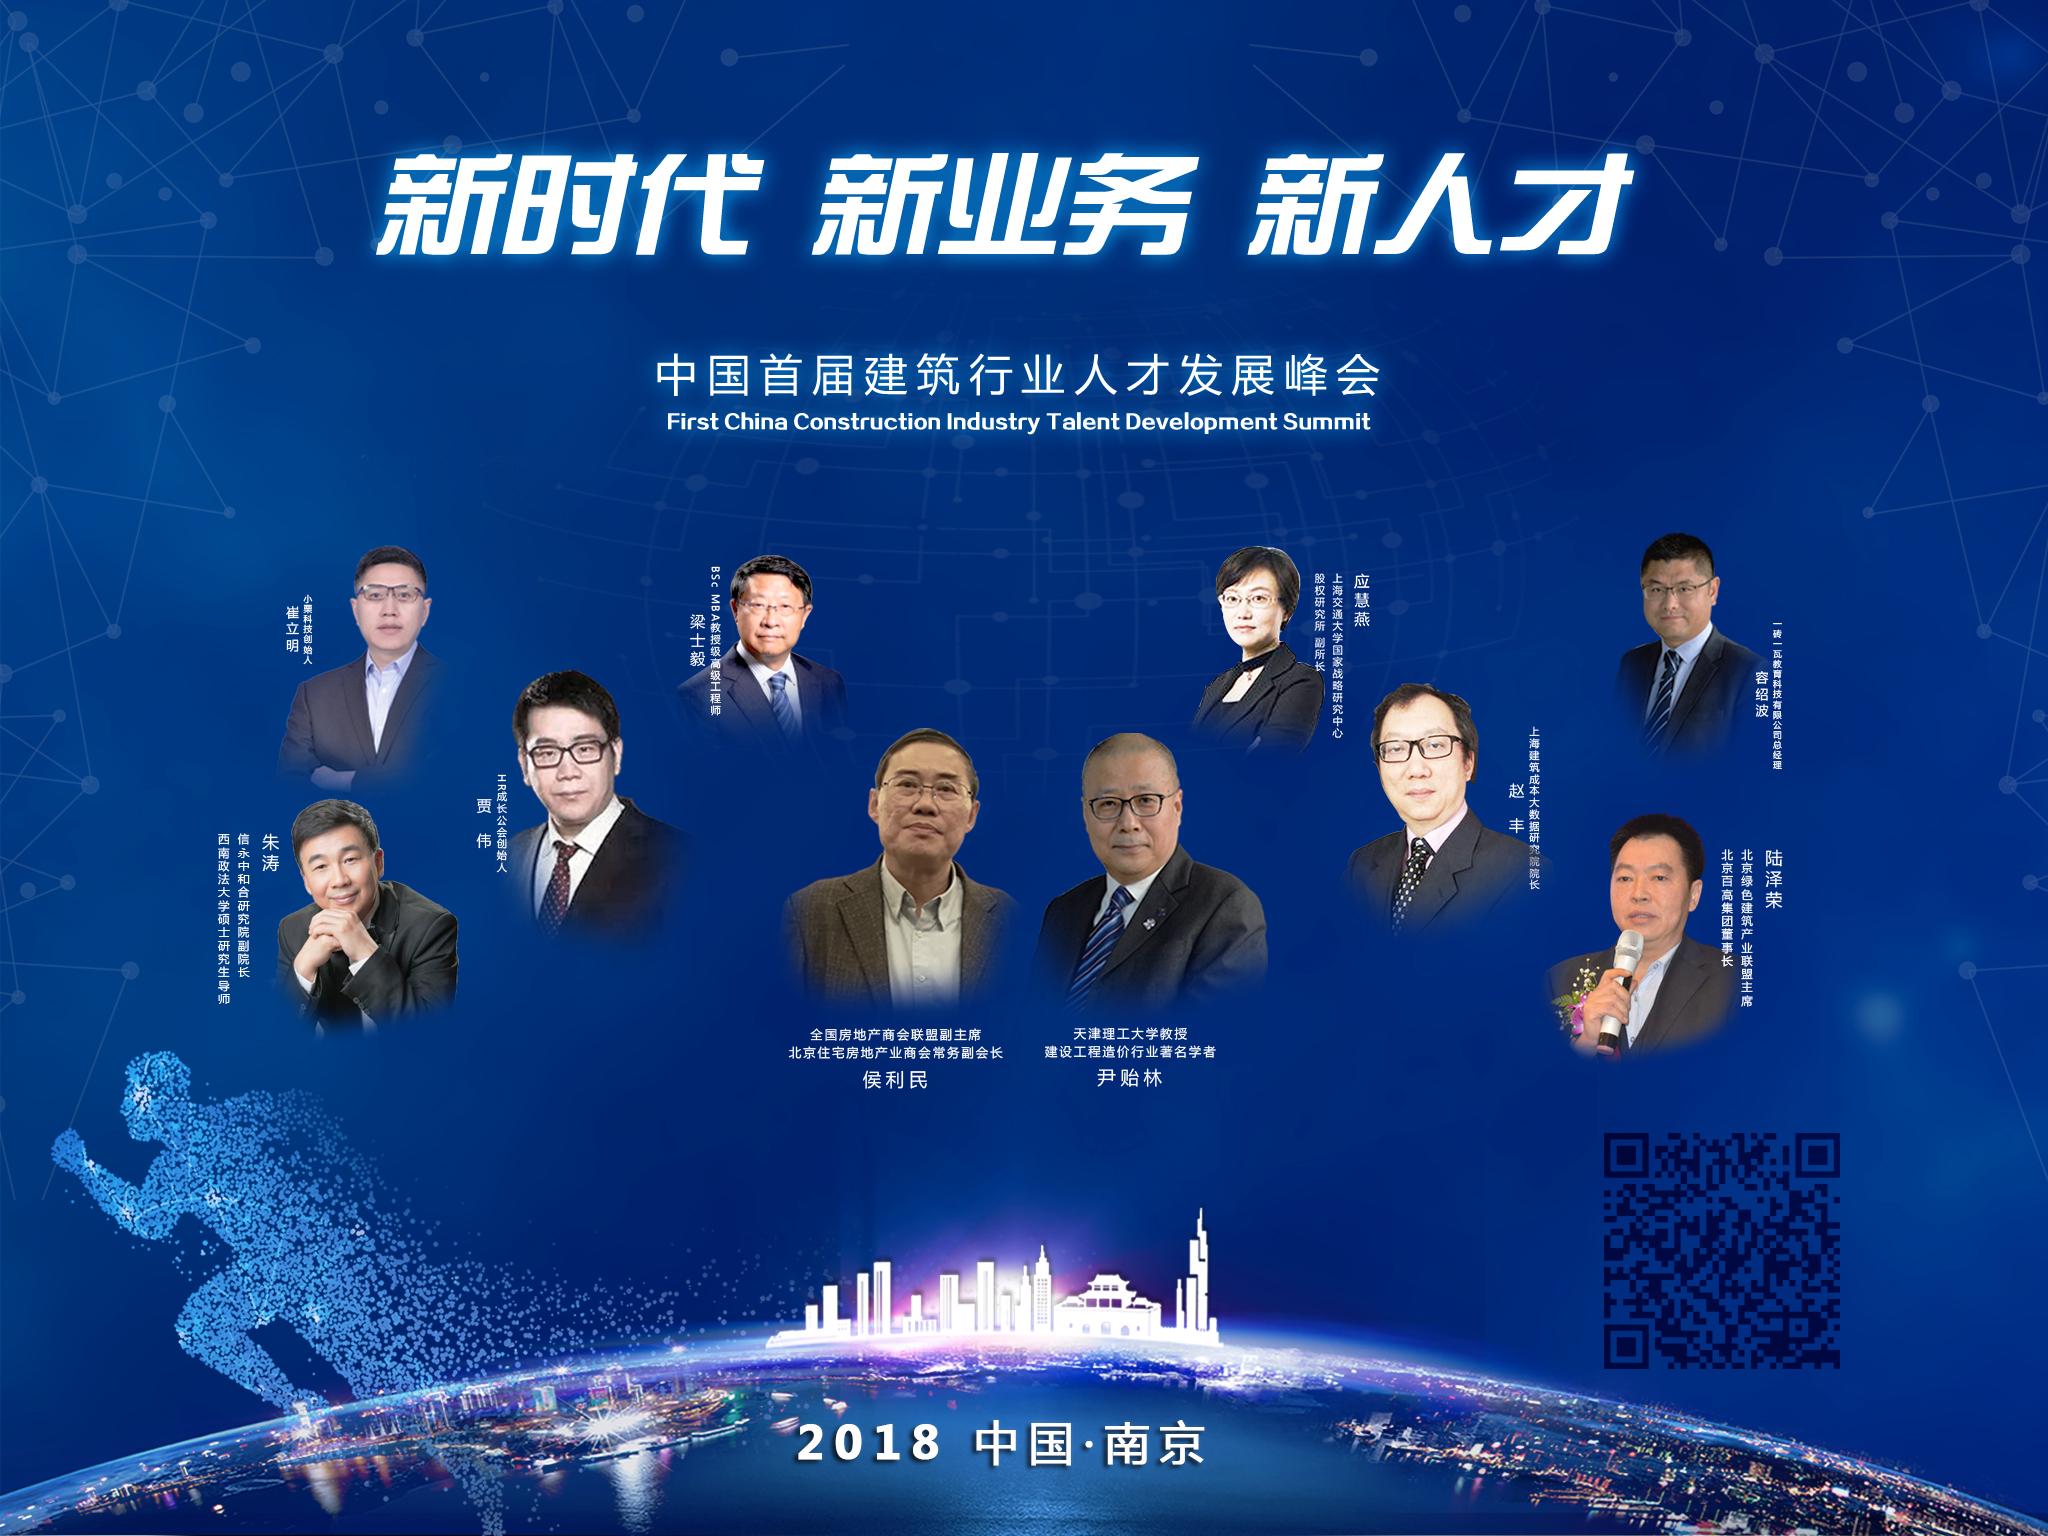 中国首届建筑行业人才发展峰会